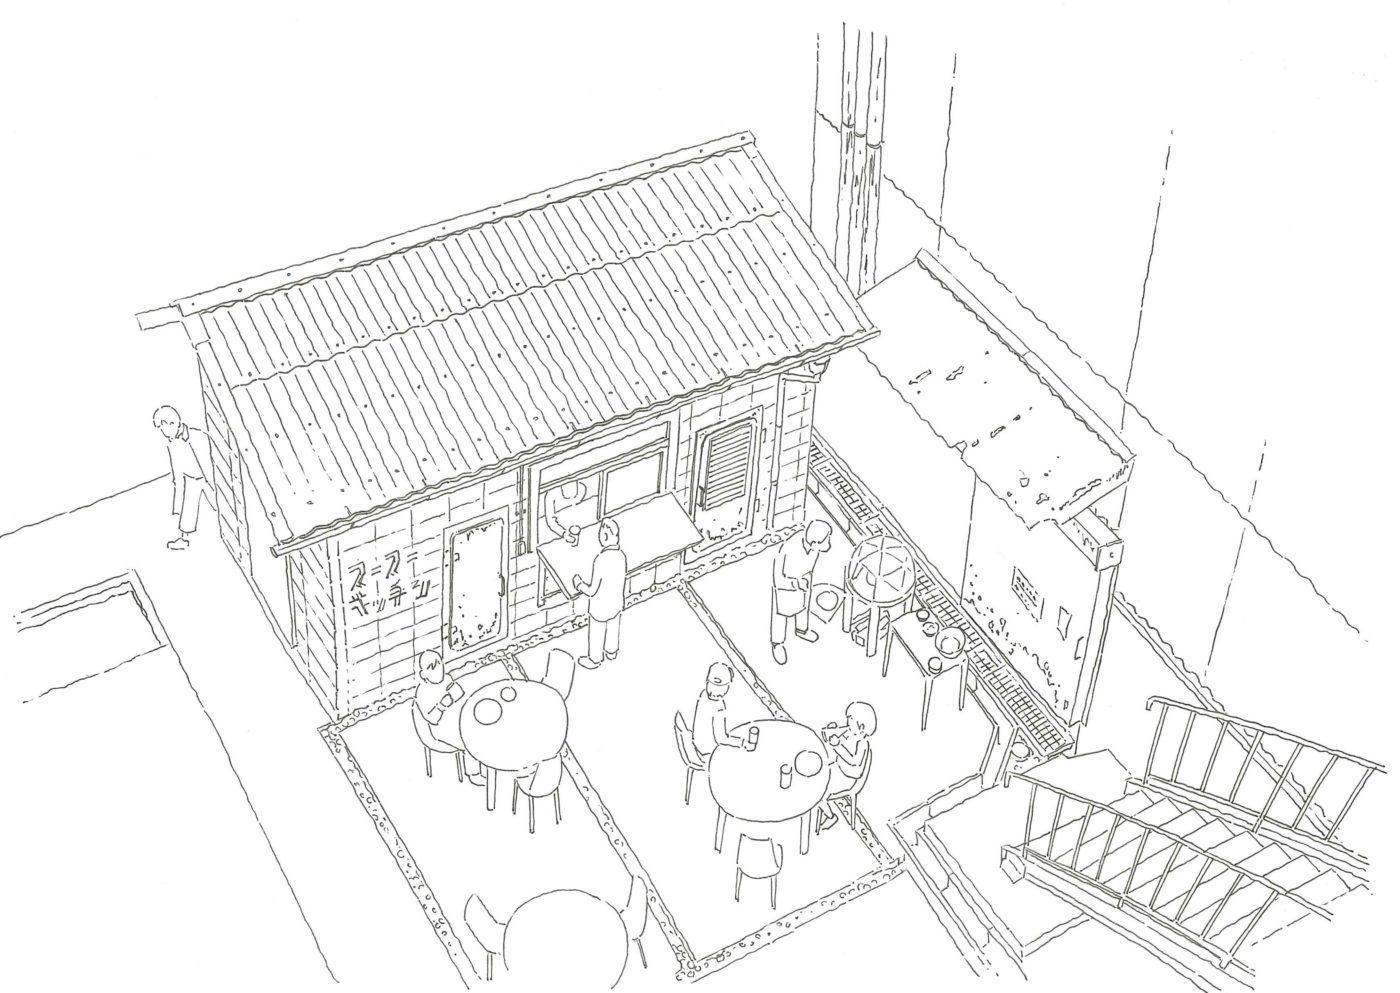 アーティストやクリエイターのためのシェアスタジオを含む複合施設「Super Studio Kitakagaya」来春オープン